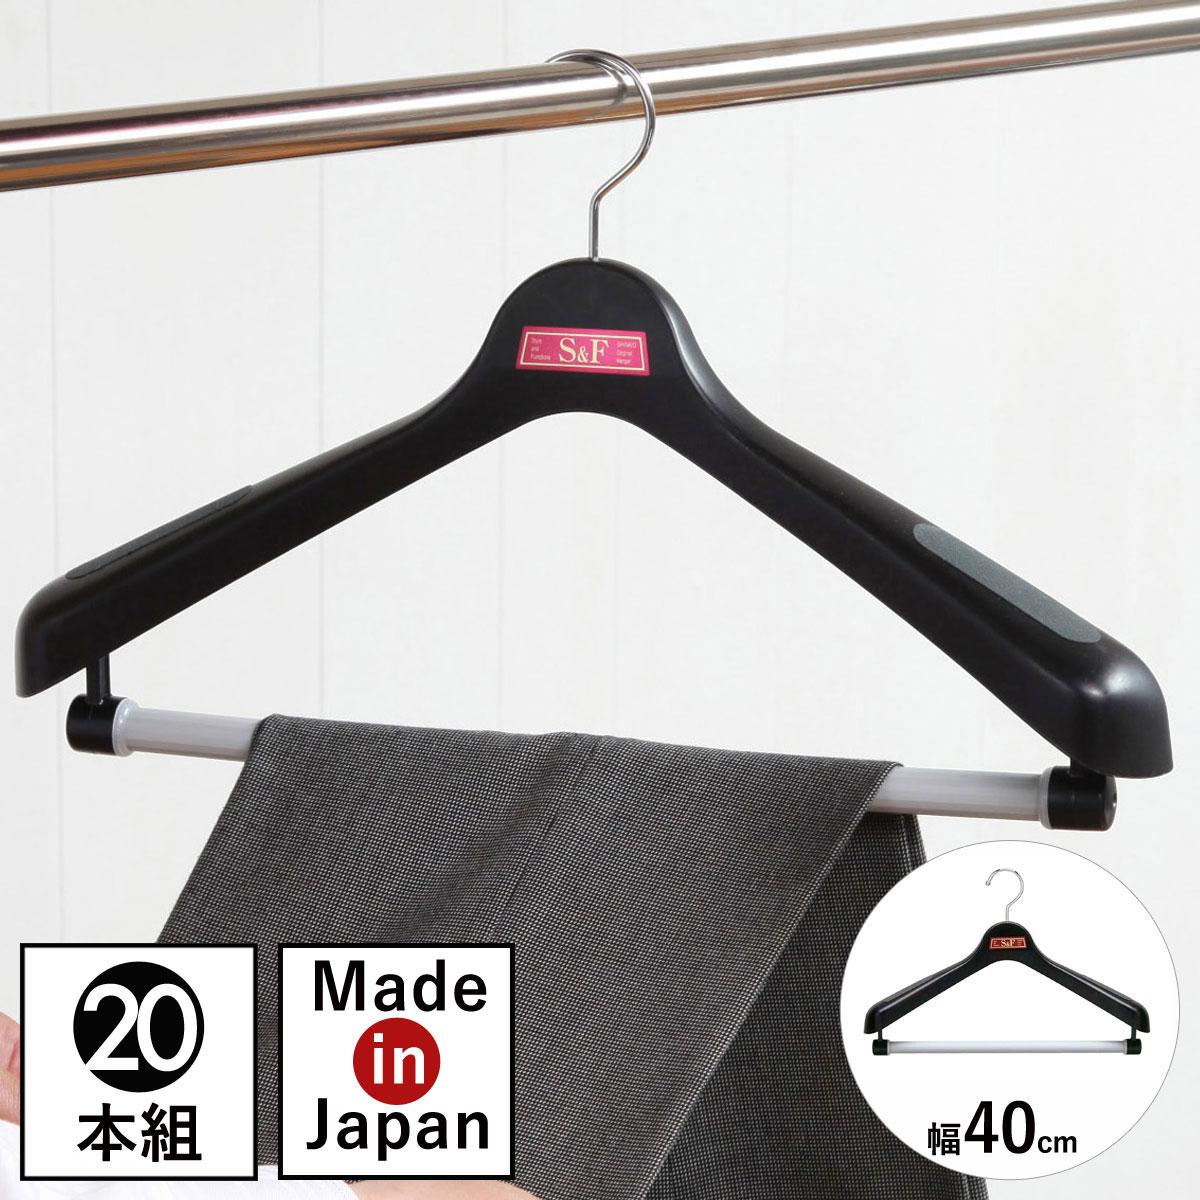 【最大2,000円OFFクーポン】ハンガー 収納 おしゃれ ジャケットハンガー 肩幅40cm S&F ジャケット回転式40 20本セット